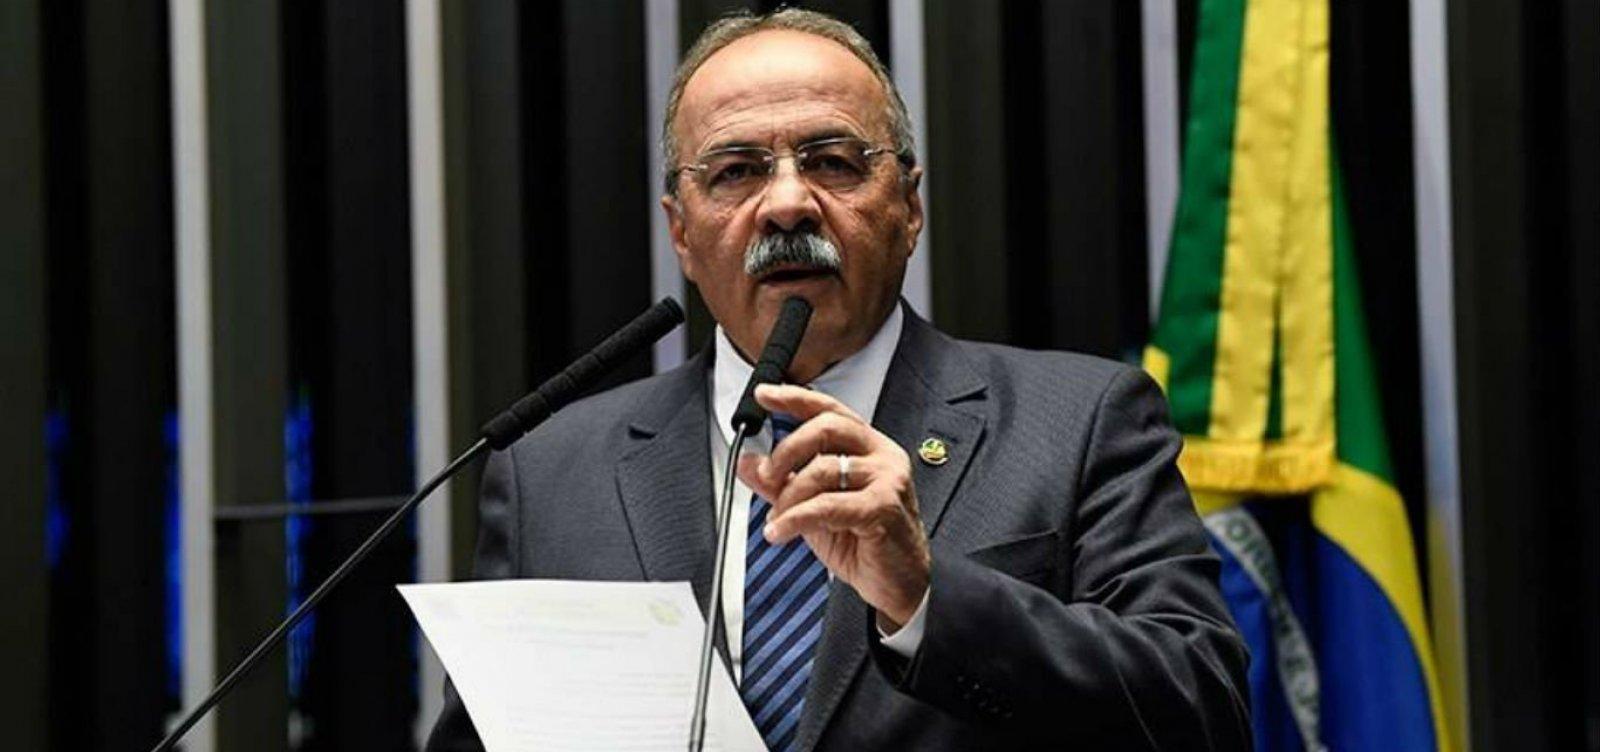 [Após ser flagrado com dinheiro na cueca, senador Chico Rodrigues decide pedir afastamento por 90 dias]